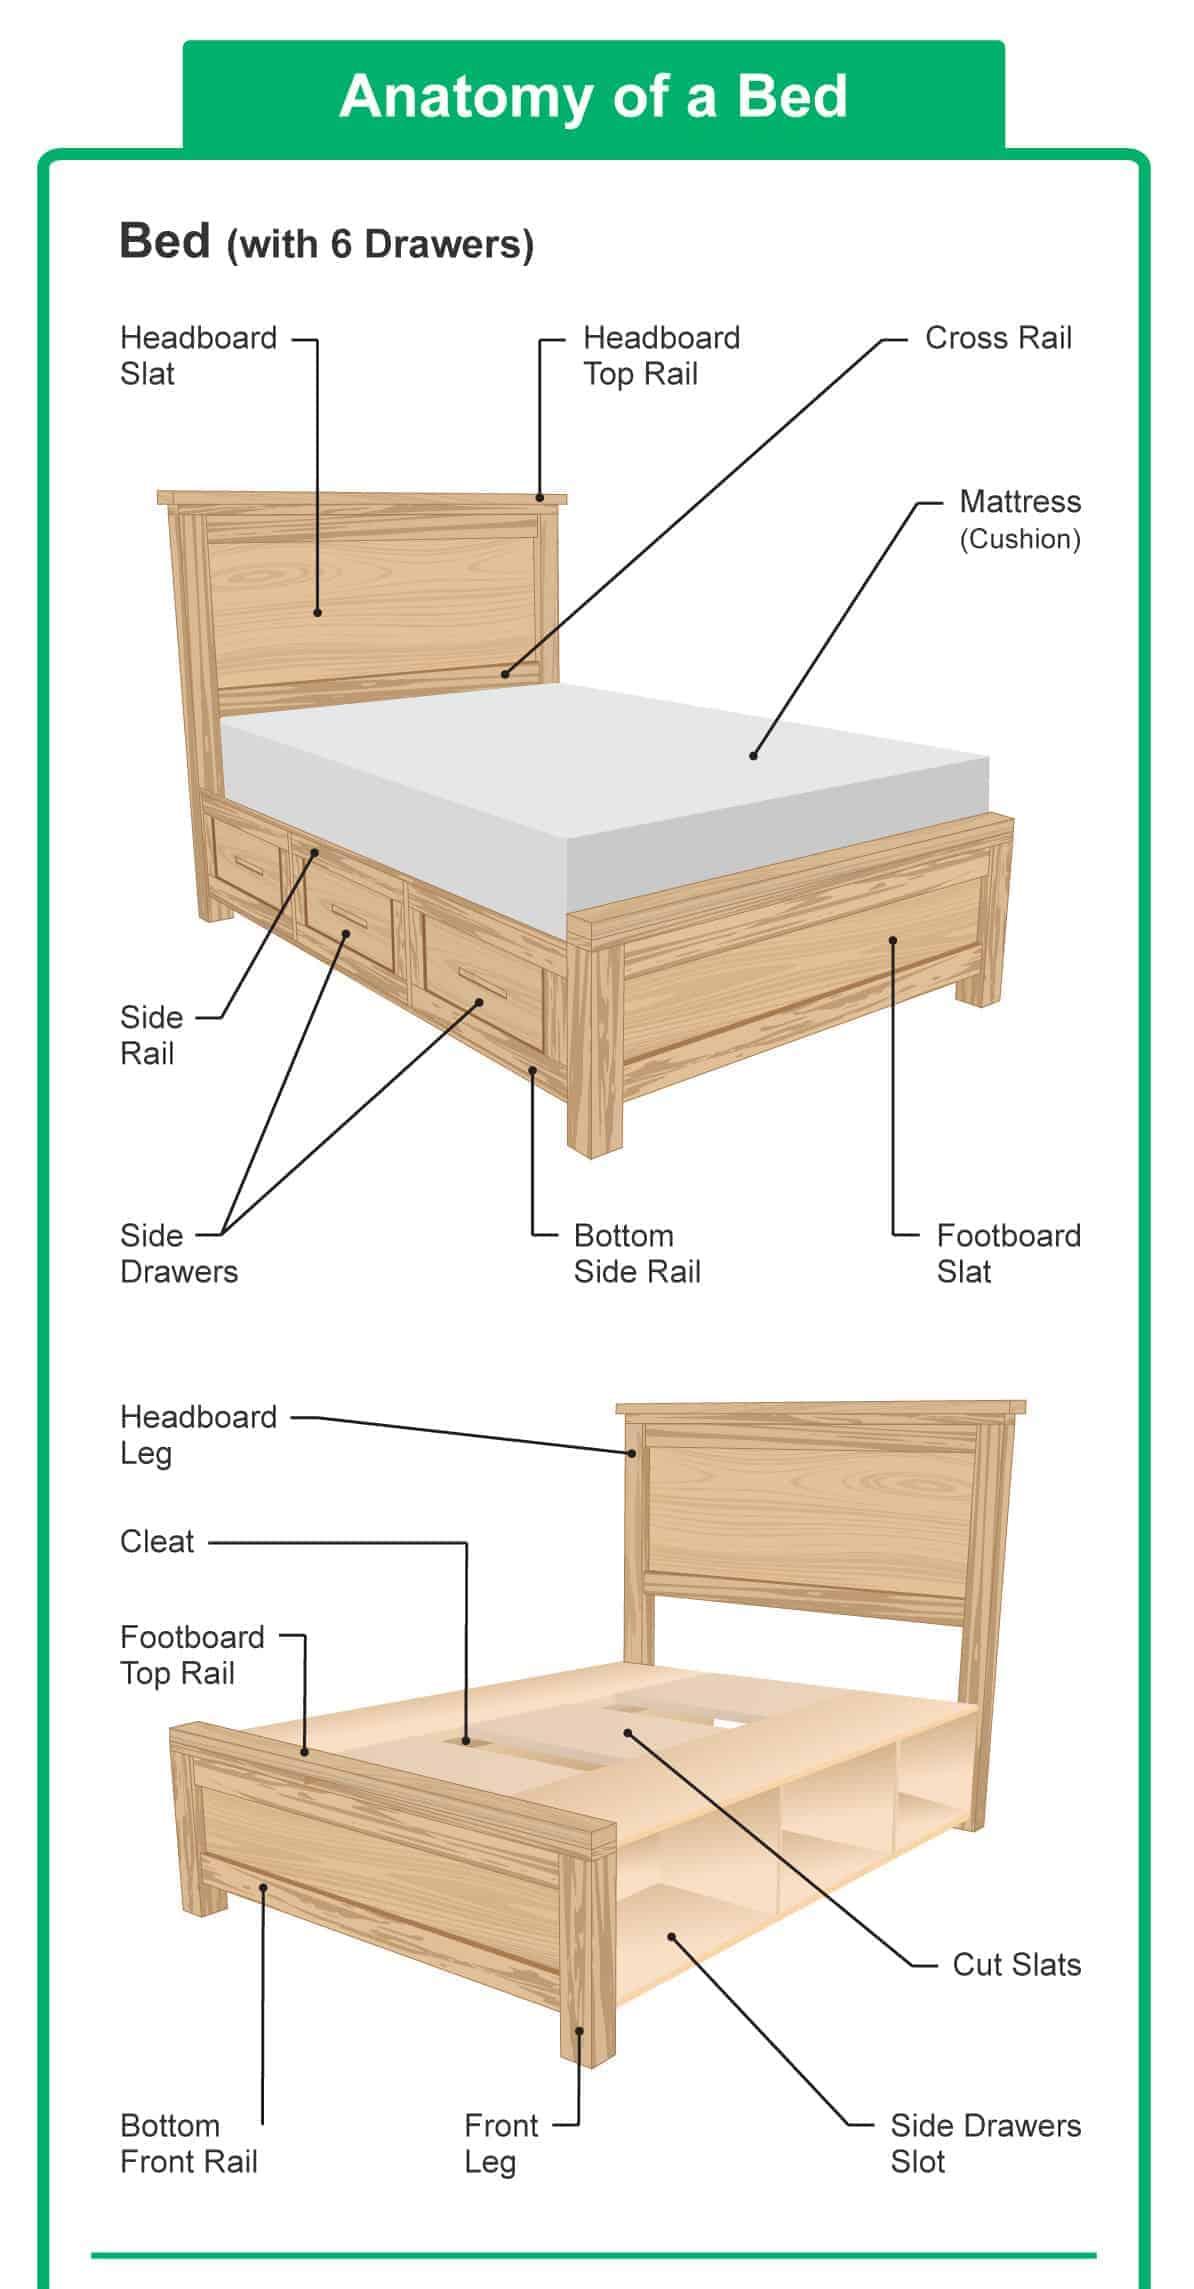 sofa parts names kivik bed hack of a headboard and mattress diagrams